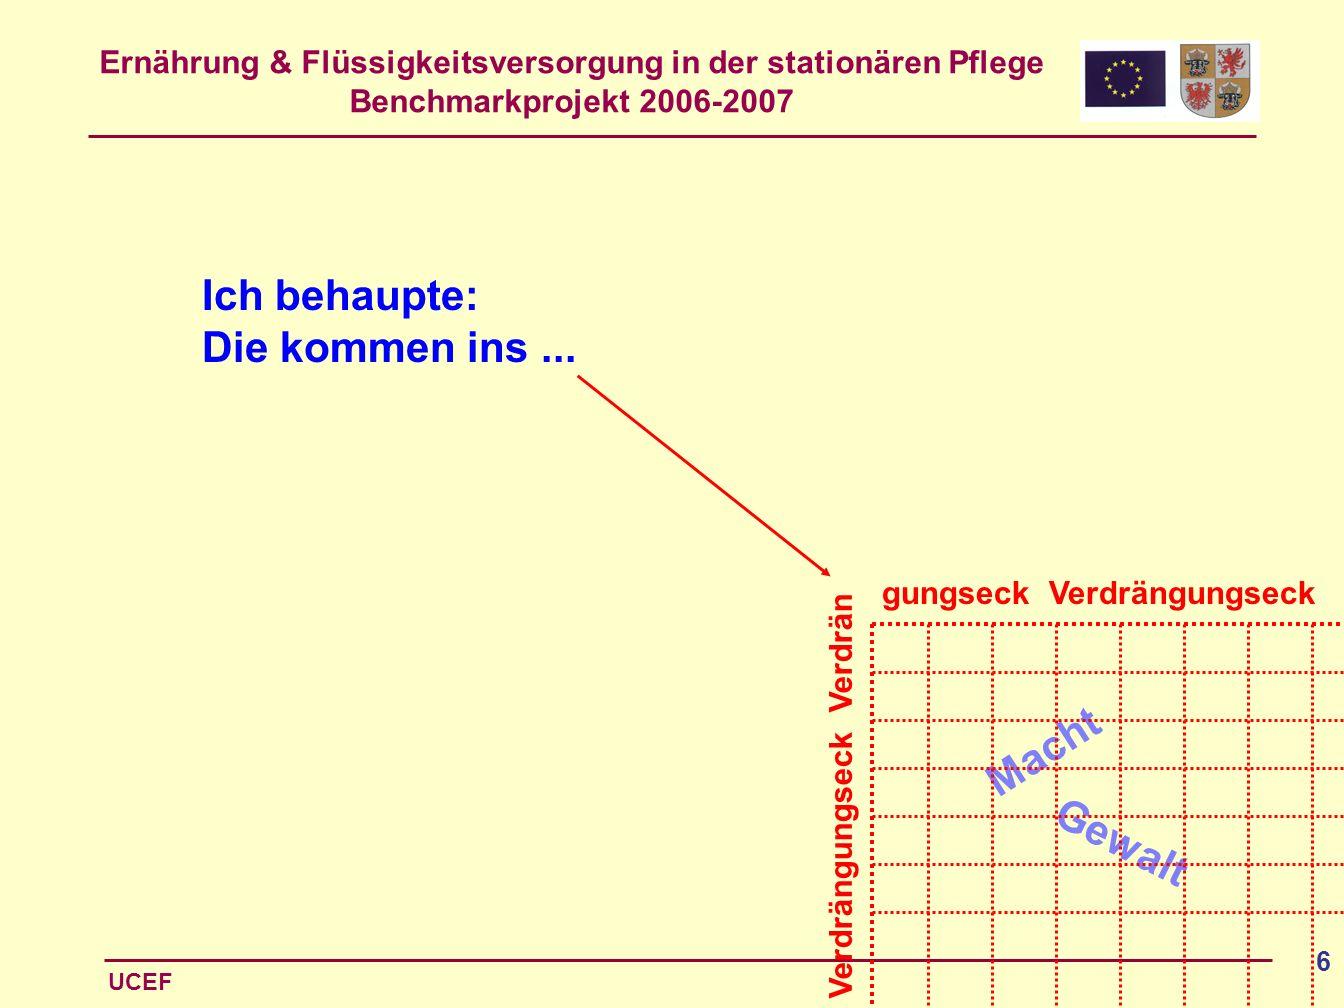 Ernährung & Flüssigkeitsversorgung in der stationären Pflege Benchmarkprojekt 2006-2007 UCEF 6 Macht Gewalt Ich behaupte: Die kommen ins... gungseck V